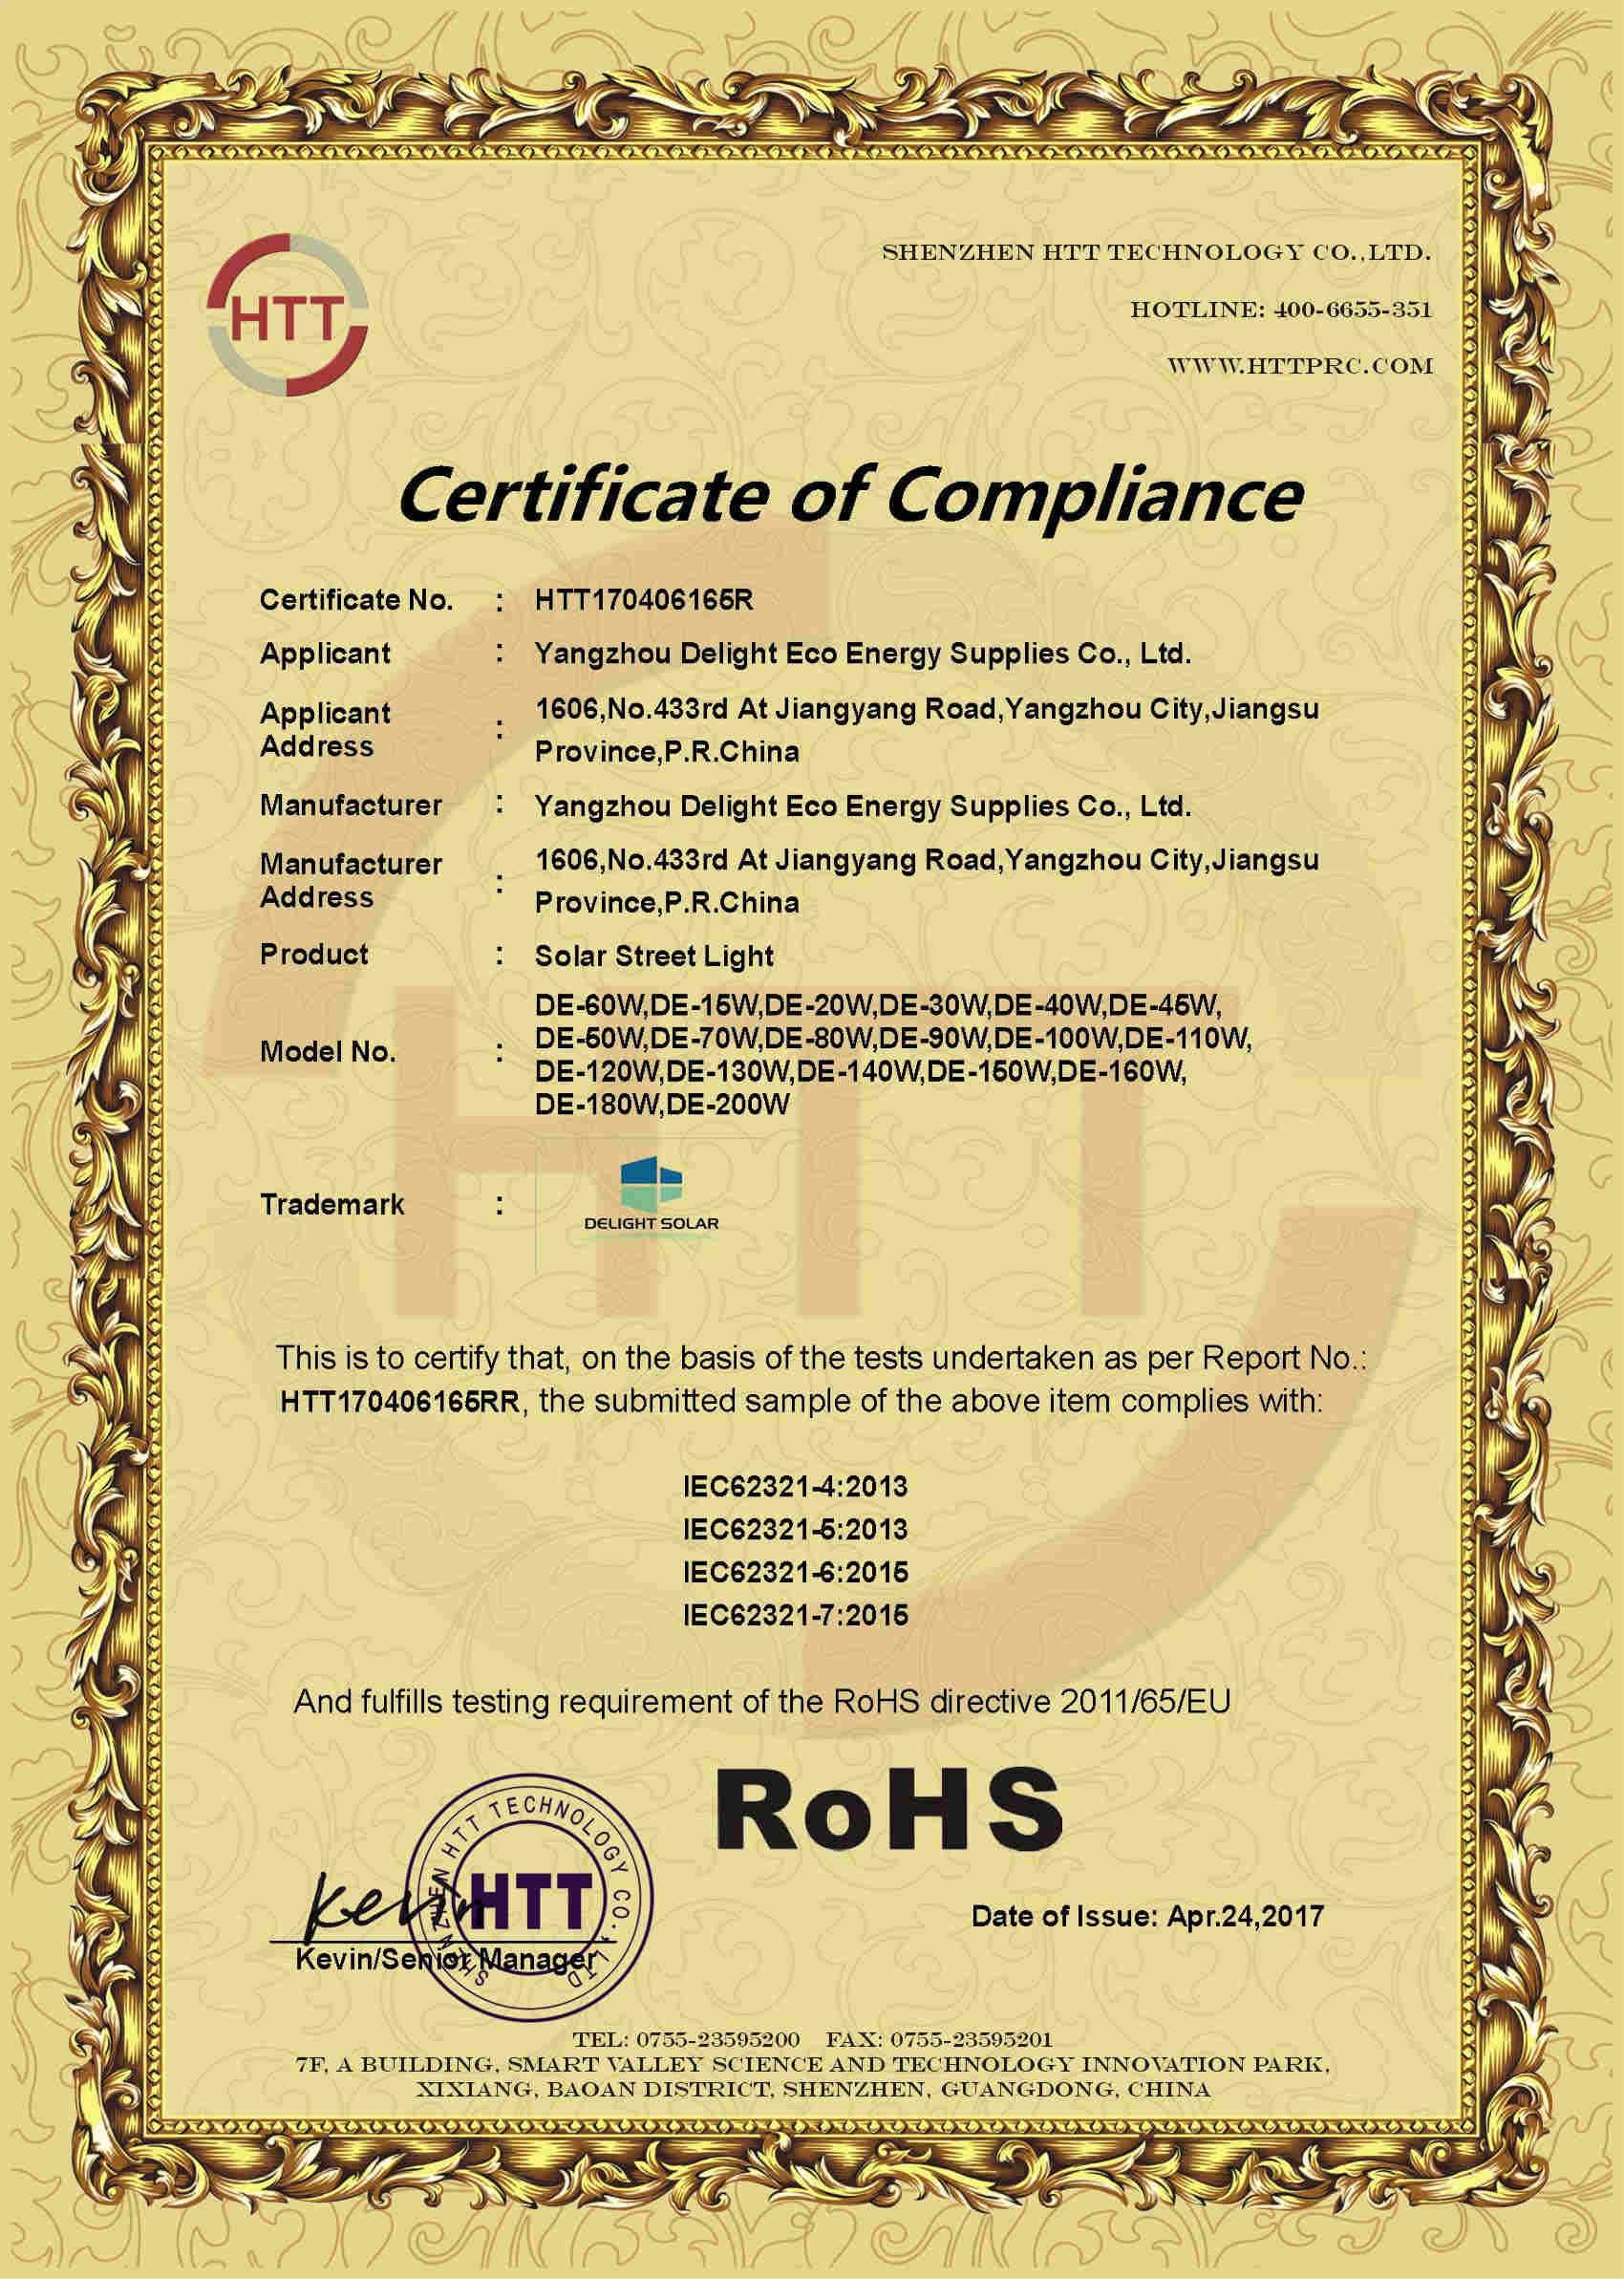 RoHS certificate for solar street light